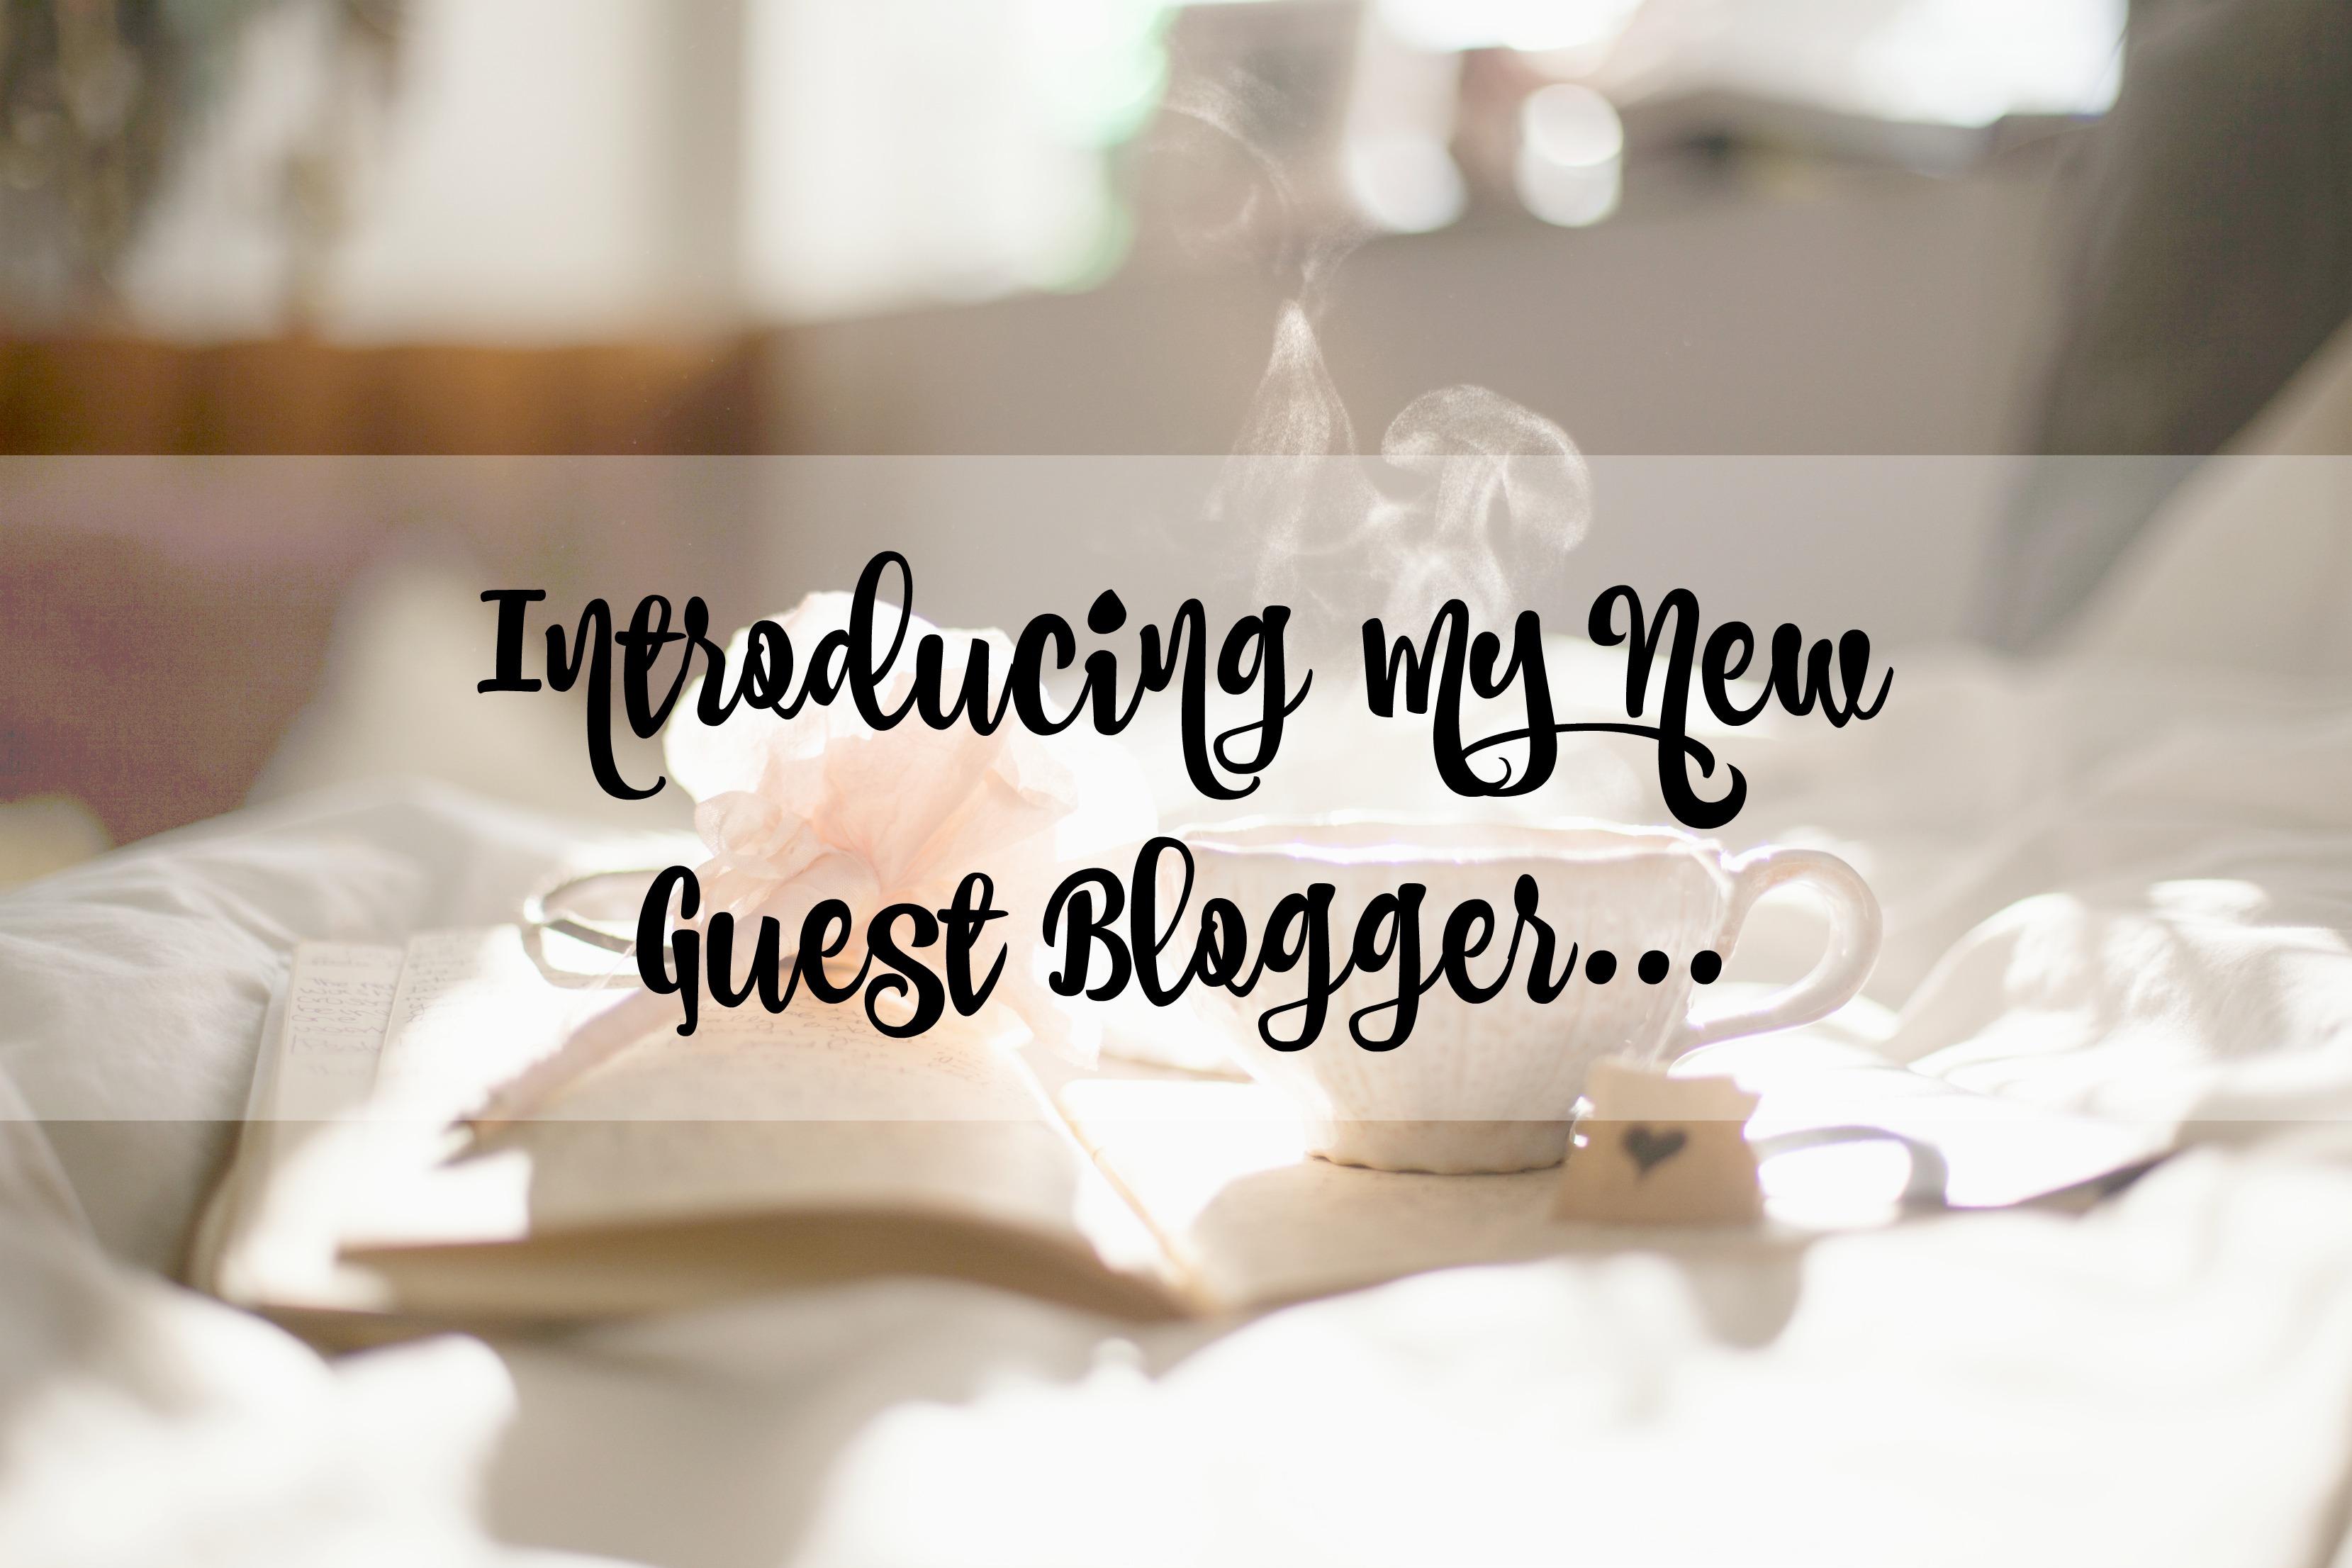 guest blogger title